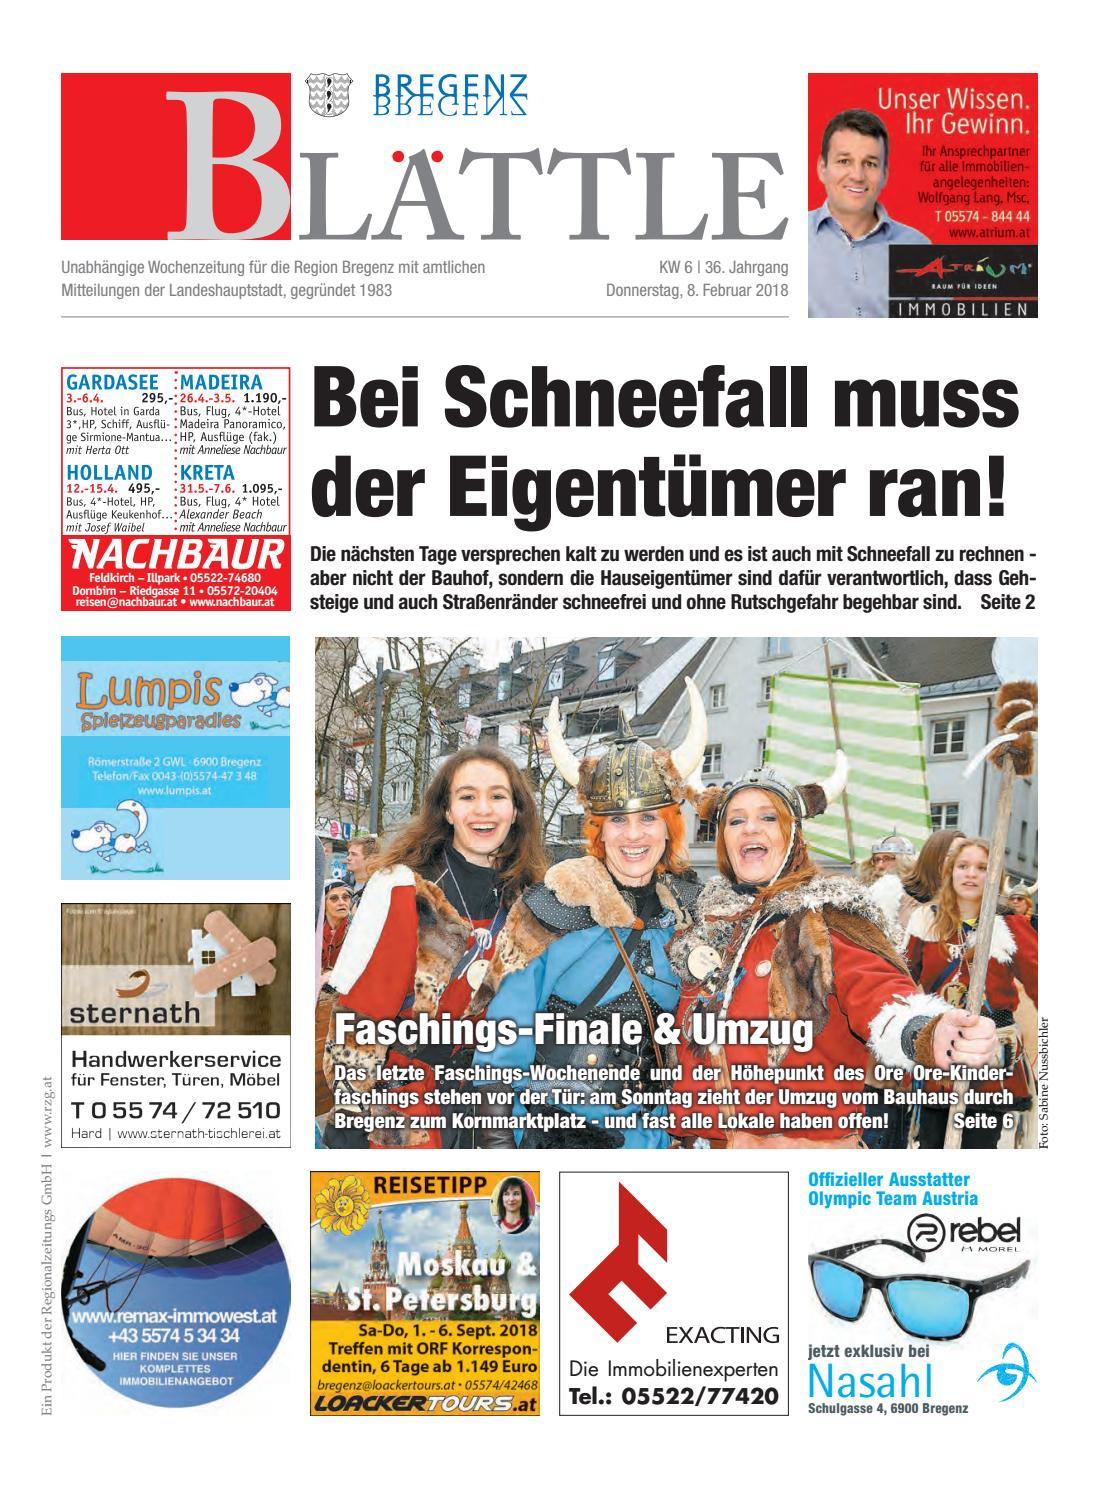 Sex Privat in Bregenz - Bekanntschaften - Partnersuche